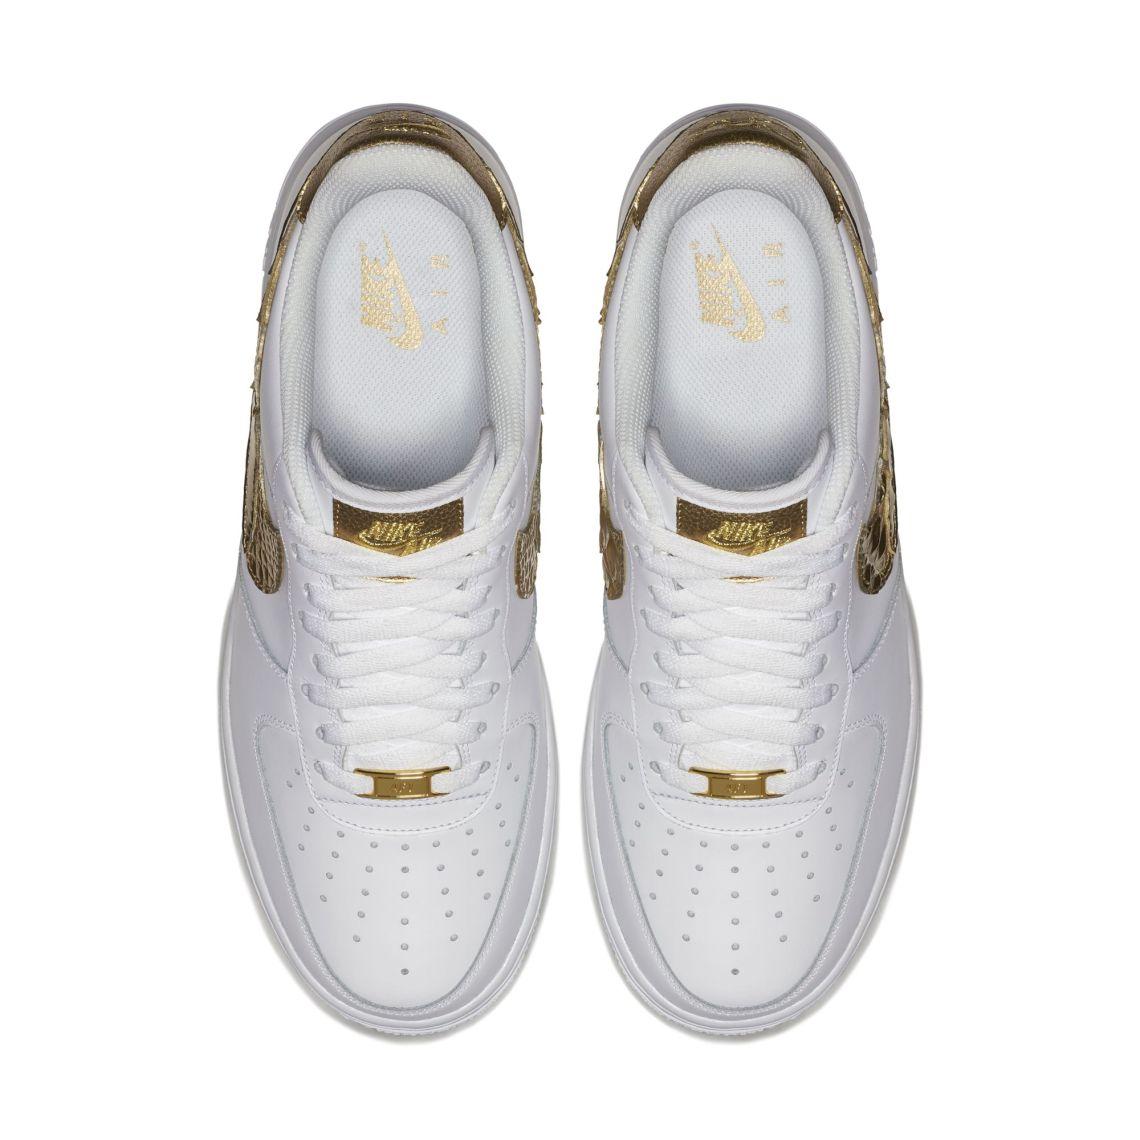 8f4ed67a7773 Cristiano Ronaldo Nike Air Force 1